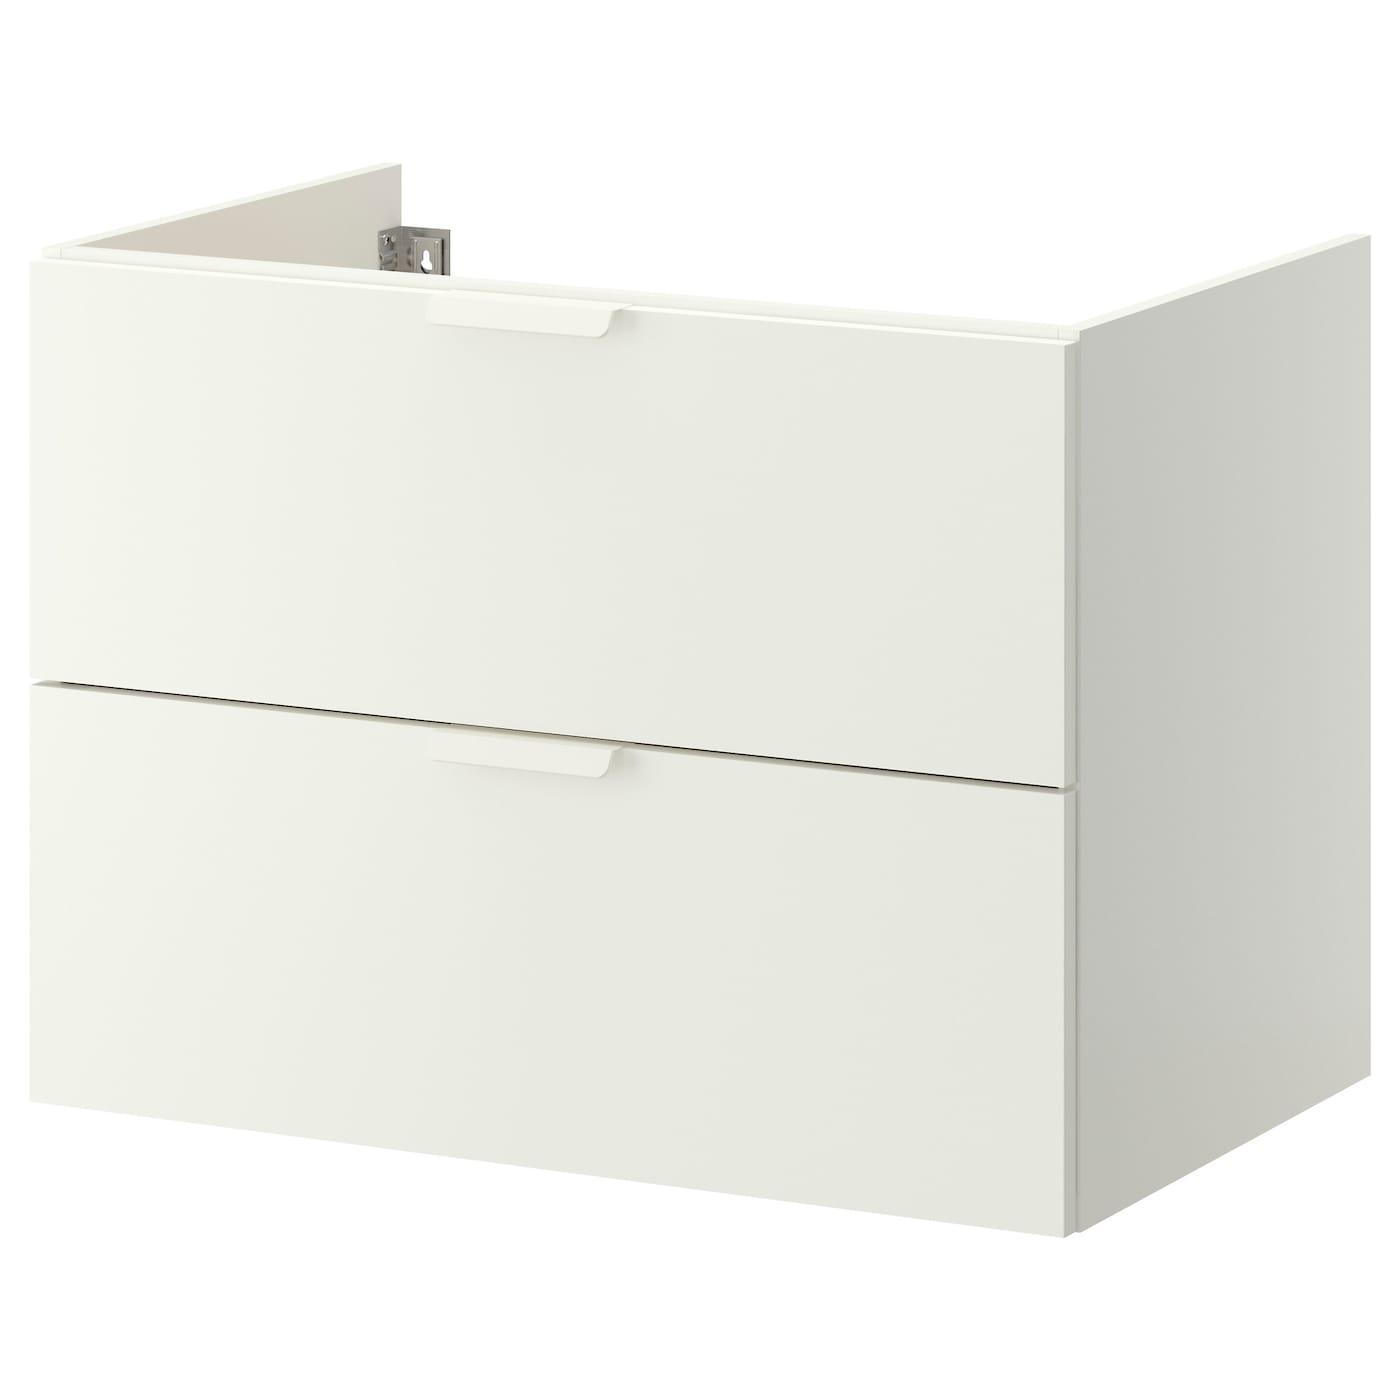 t rnviken lavabo poser blanc 45 x 45 cm ikea. Black Bedroom Furniture Sets. Home Design Ideas